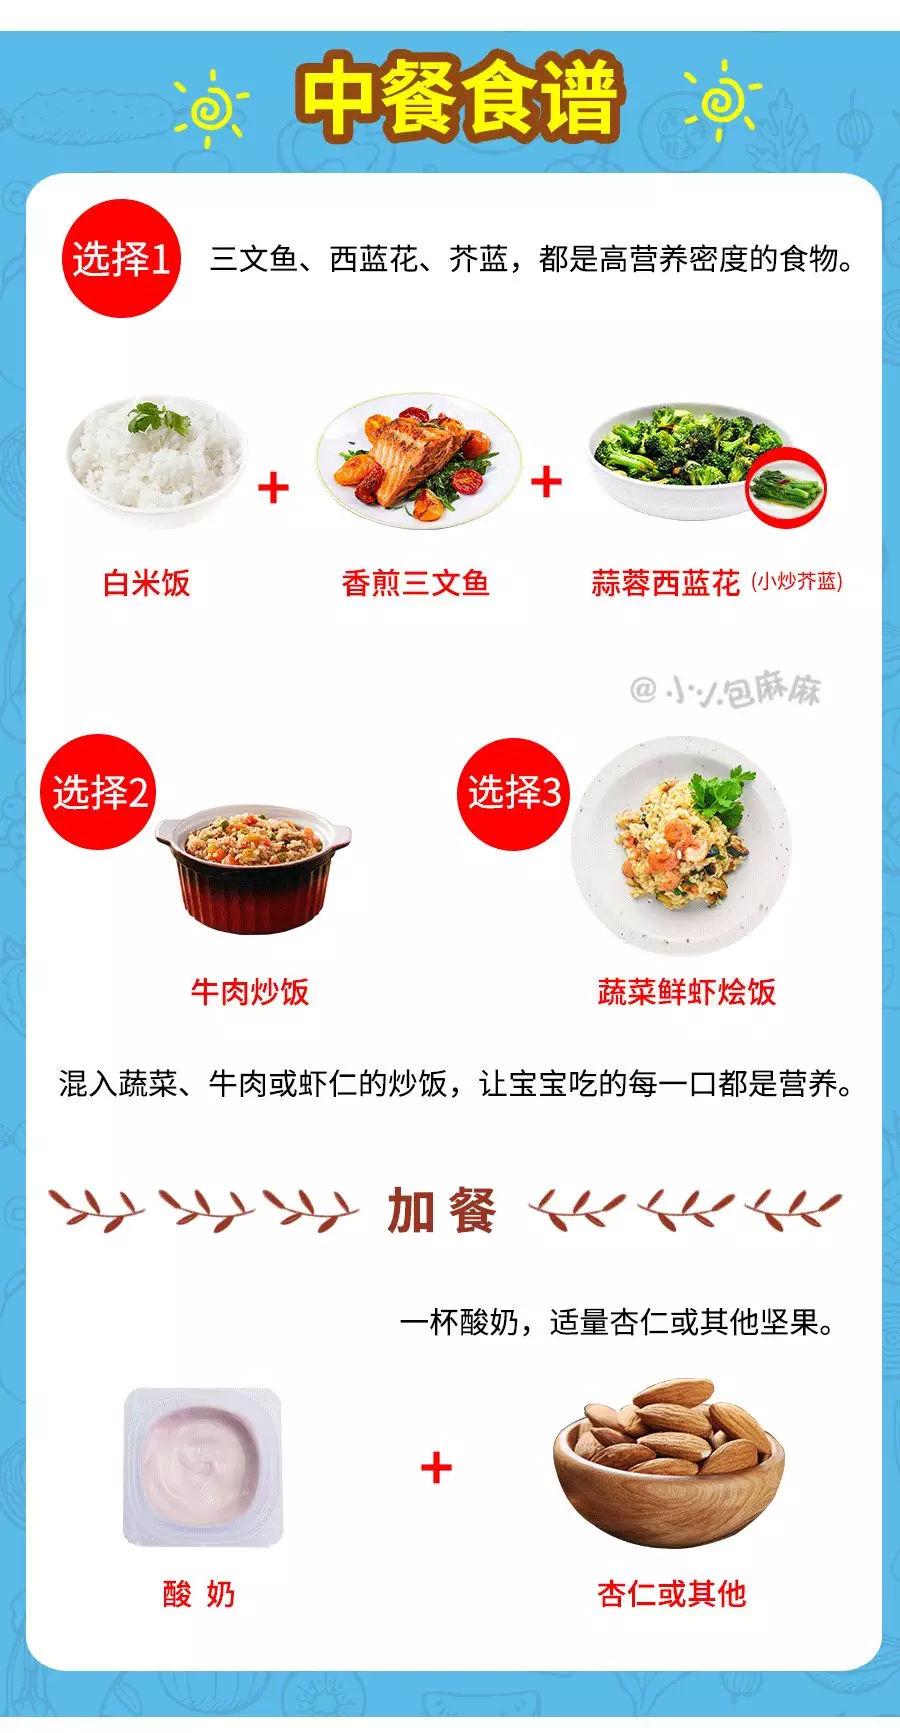 食物营养成分表图片